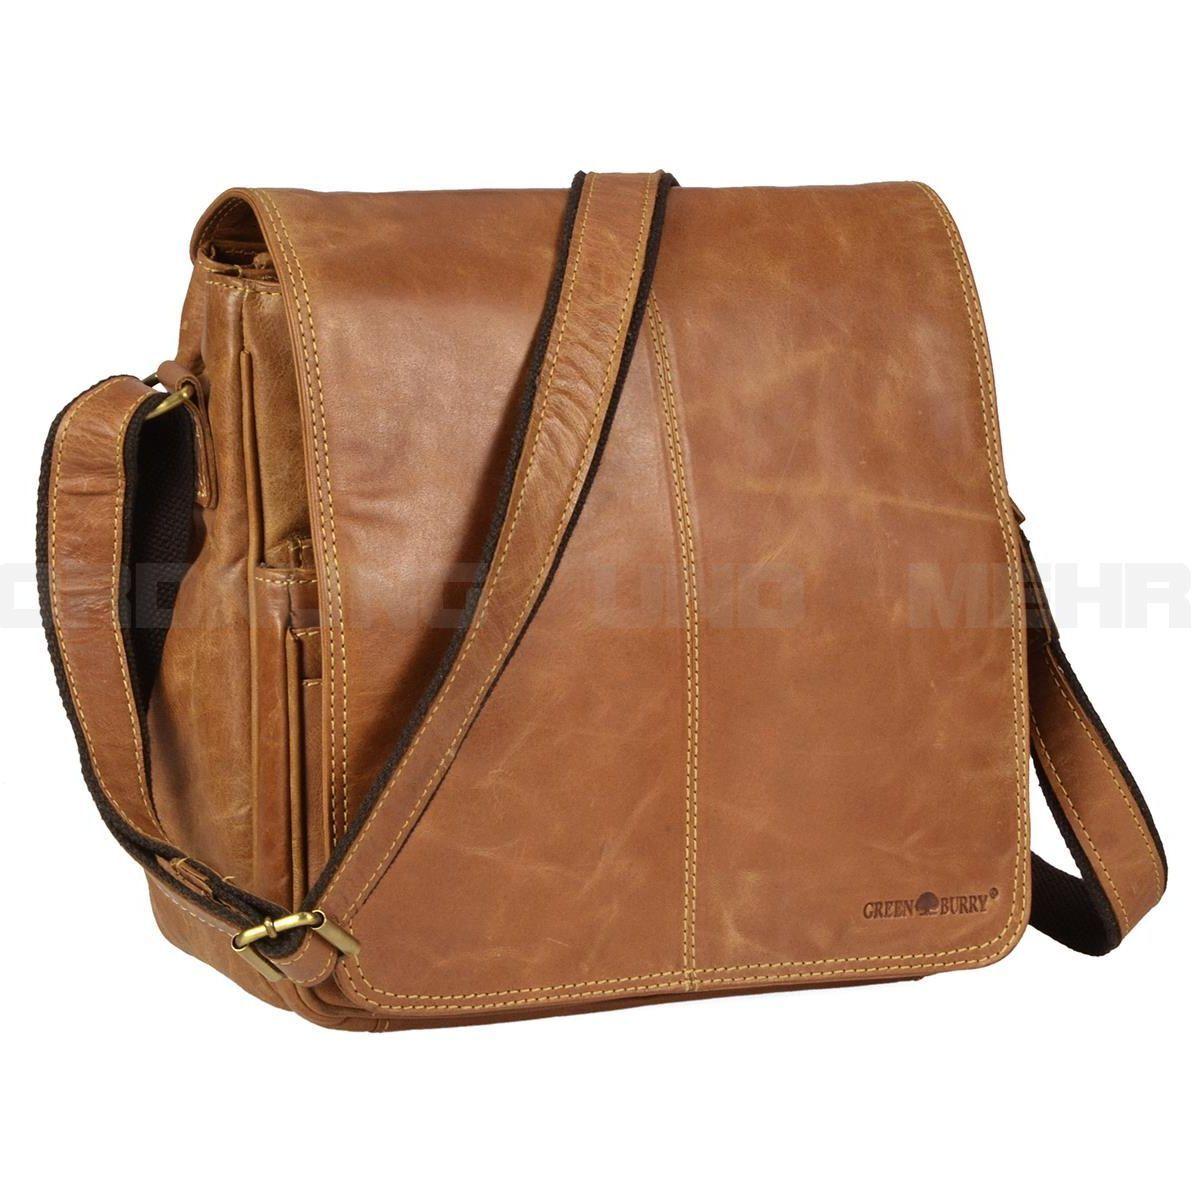 00d1a7d310e14 Greenburry Tasche Umhängetasche Expedition Herren Damen braun Leder viele  Fächer